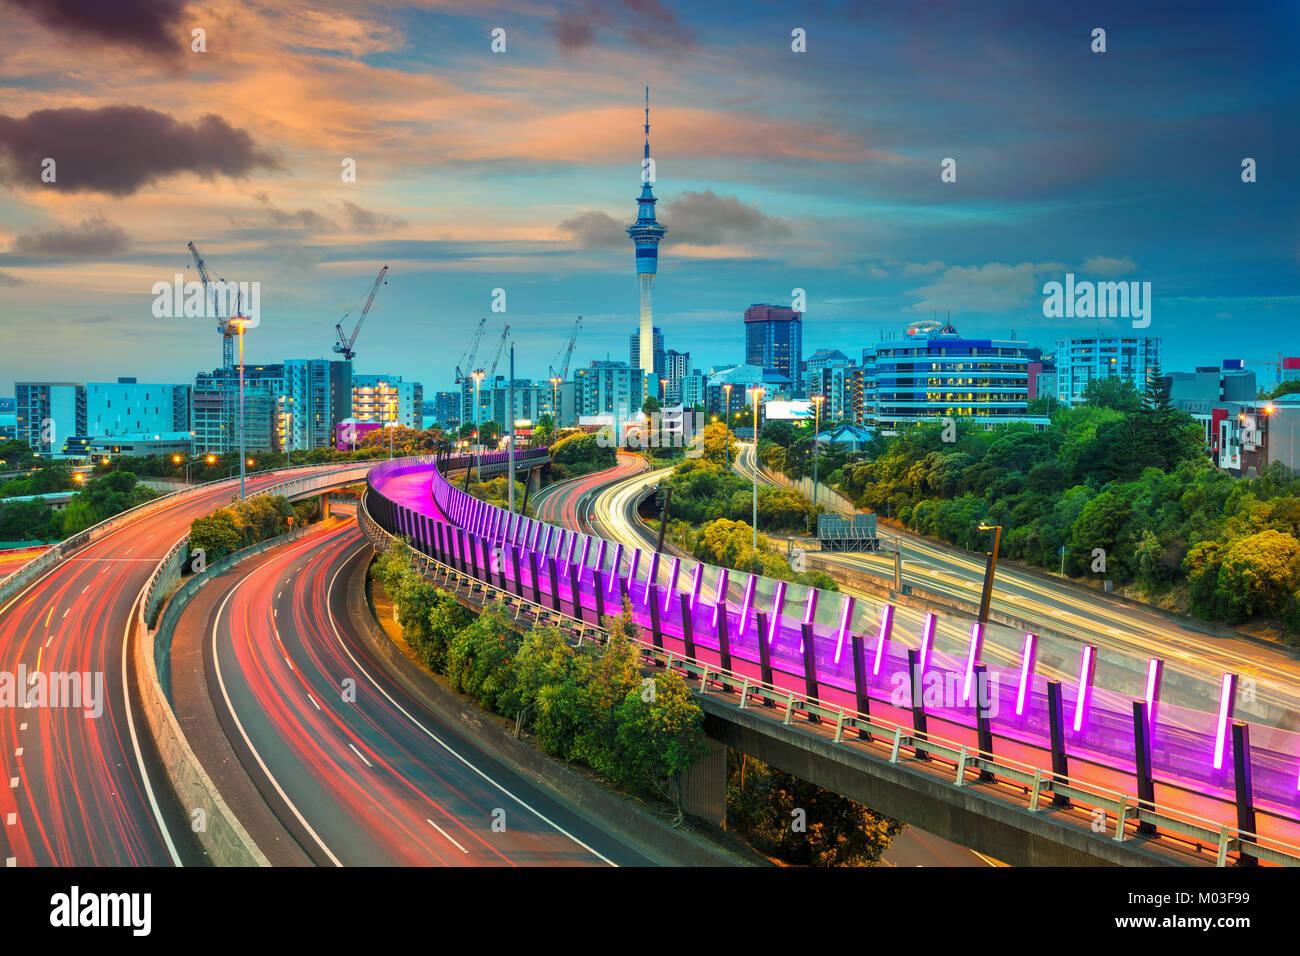 Auckland. Stadtbild bild Skyline von Auckland, Neuseeland bei Sonnenuntergang. Stockbild